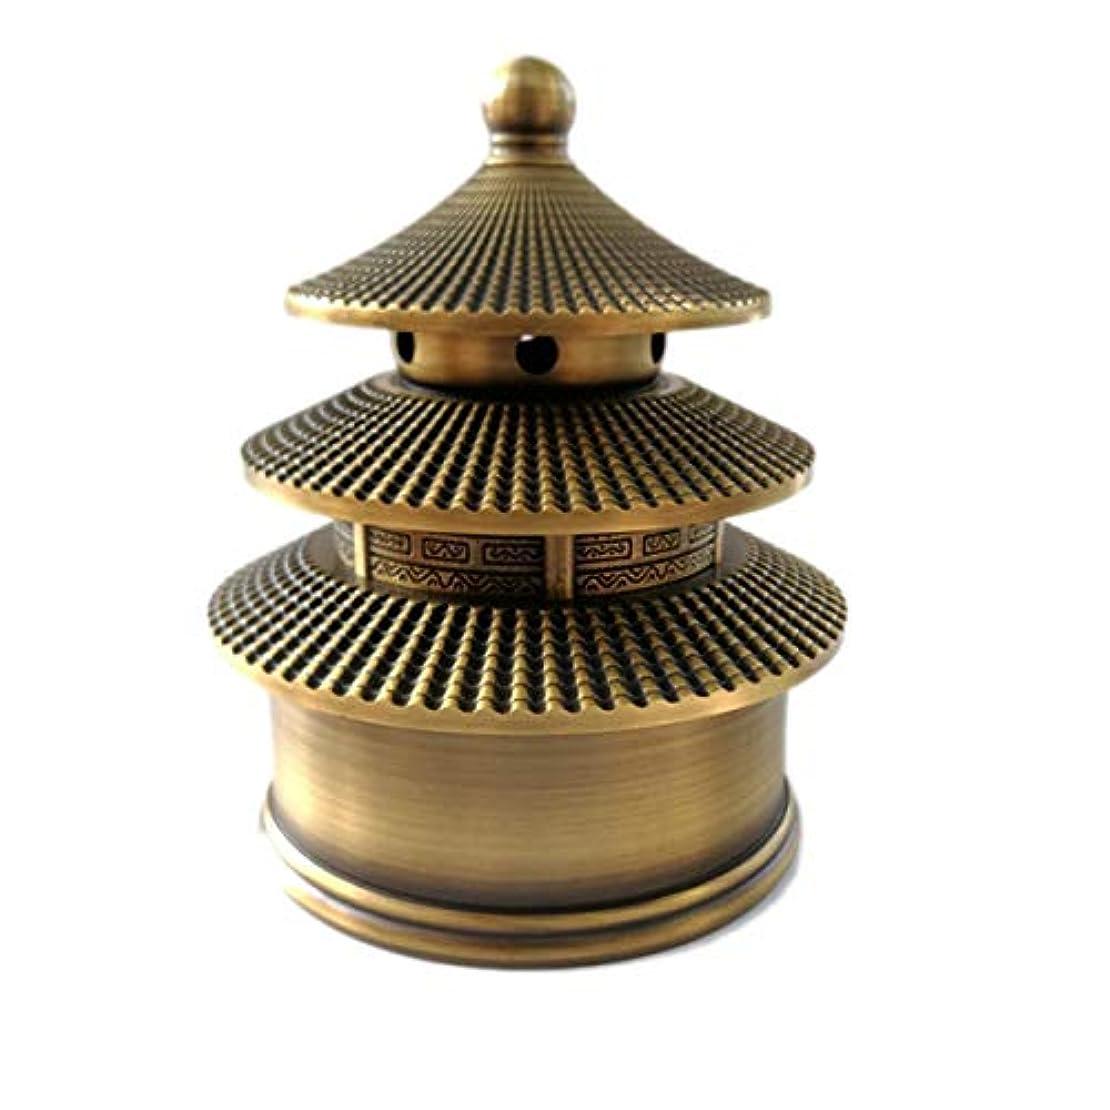 暴露スピン気分真鍮香炉(富&幸運)お香バーナー-お香ホルダーを含む中国の古典的なスタイルの伝統的な技術